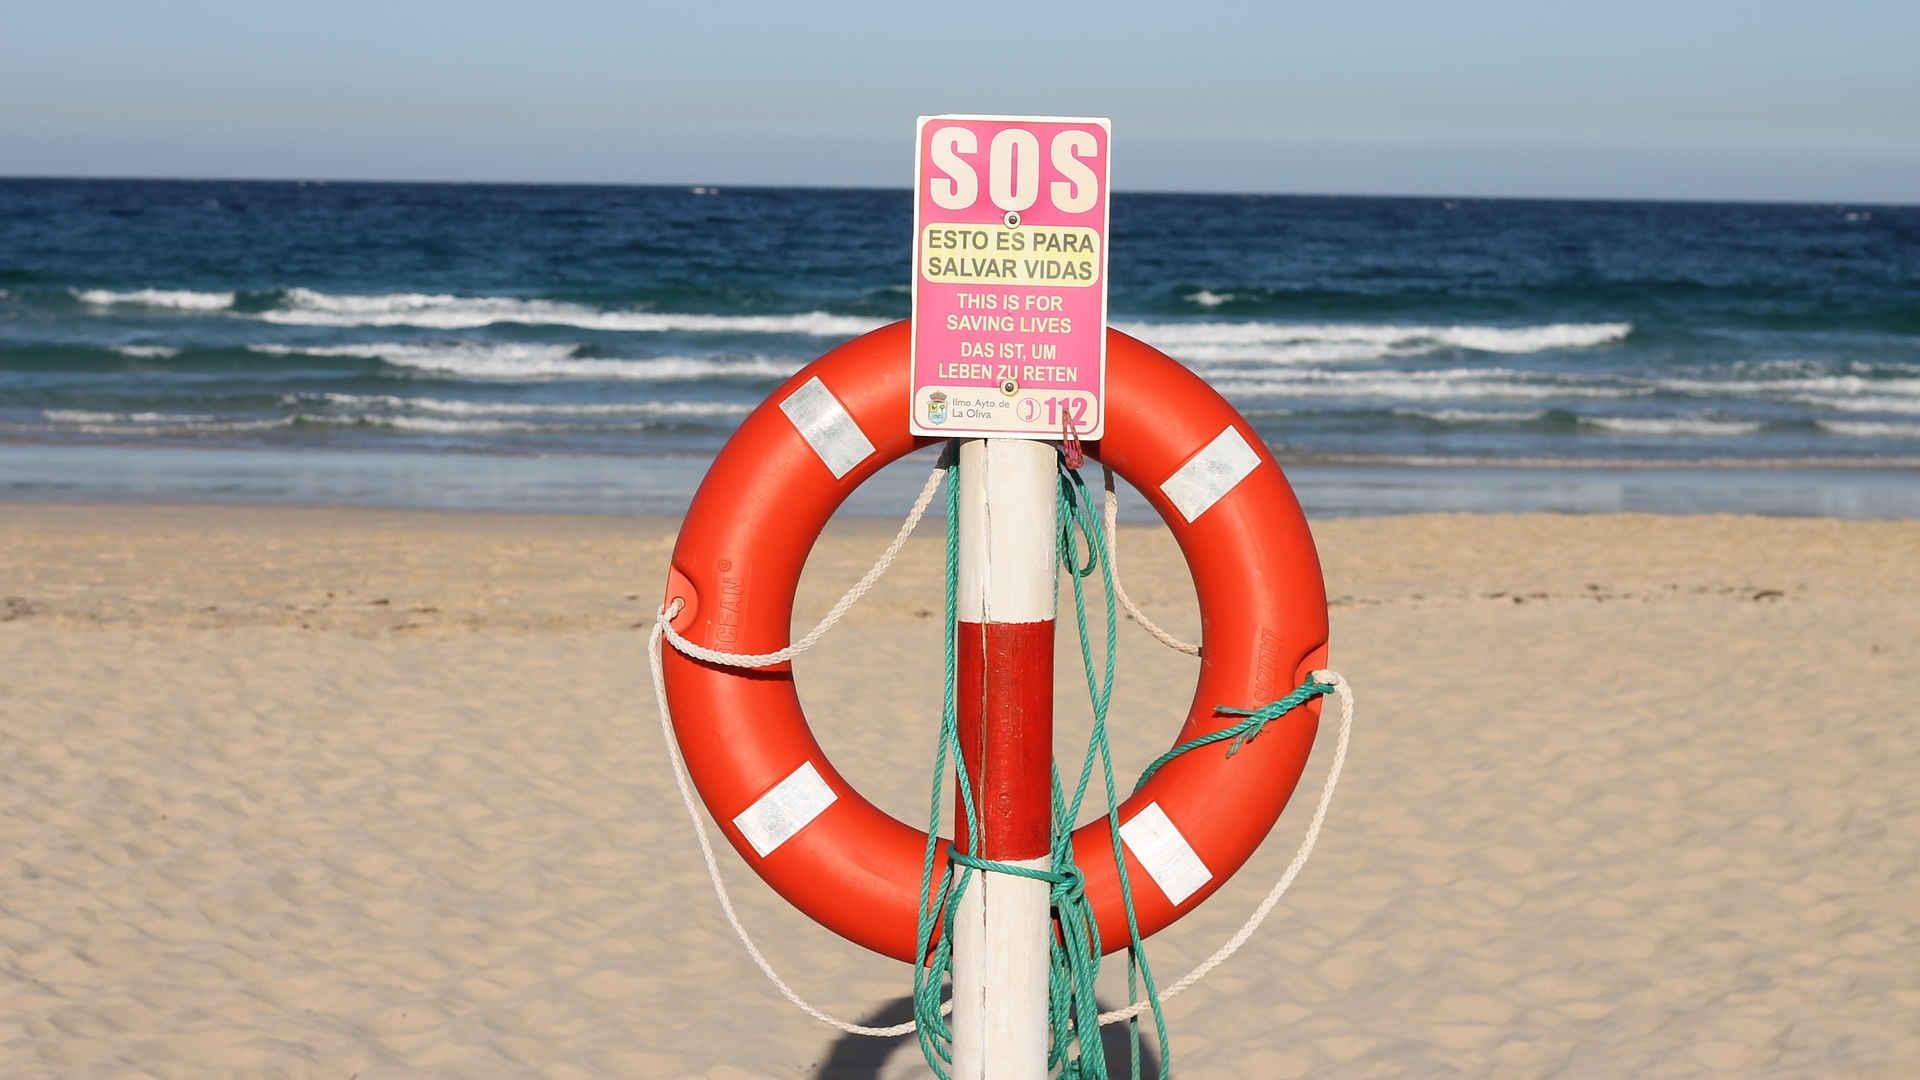 SOS Lichtzeichen: Notsignal senden